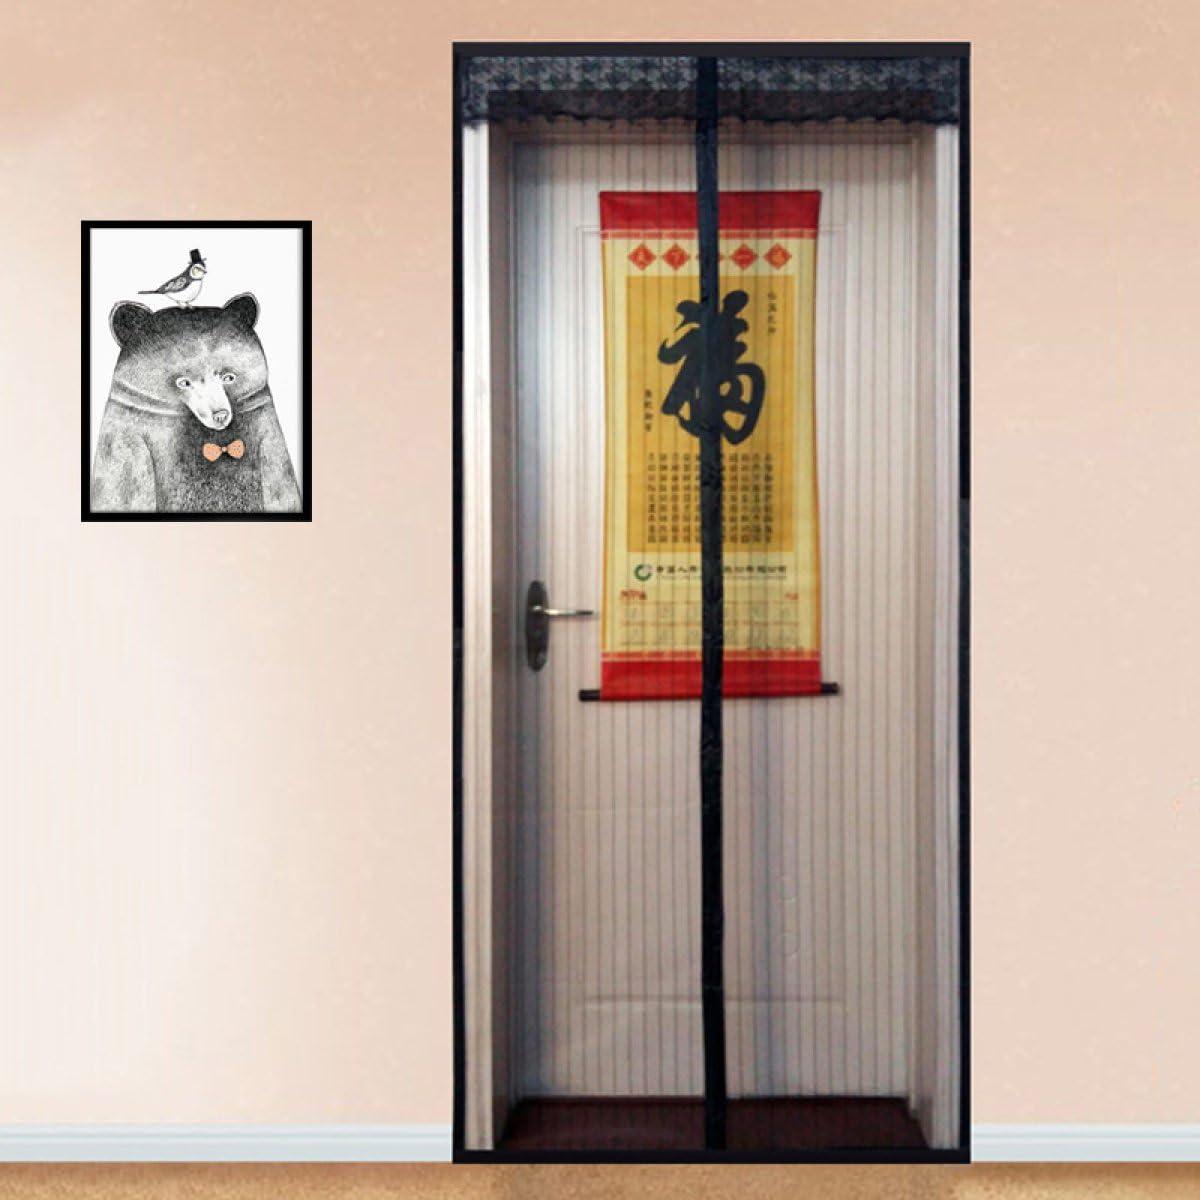 FTHIYK Encriptación Malla Mosquitera Puerta Impermeable A Prueba De Polvo Cortina De Ventilación Mute Magnética Pantalla Suave Puerta Simple Rayado,130 * 220cm(51.2 * 86.6in): Amazon.es: Hogar